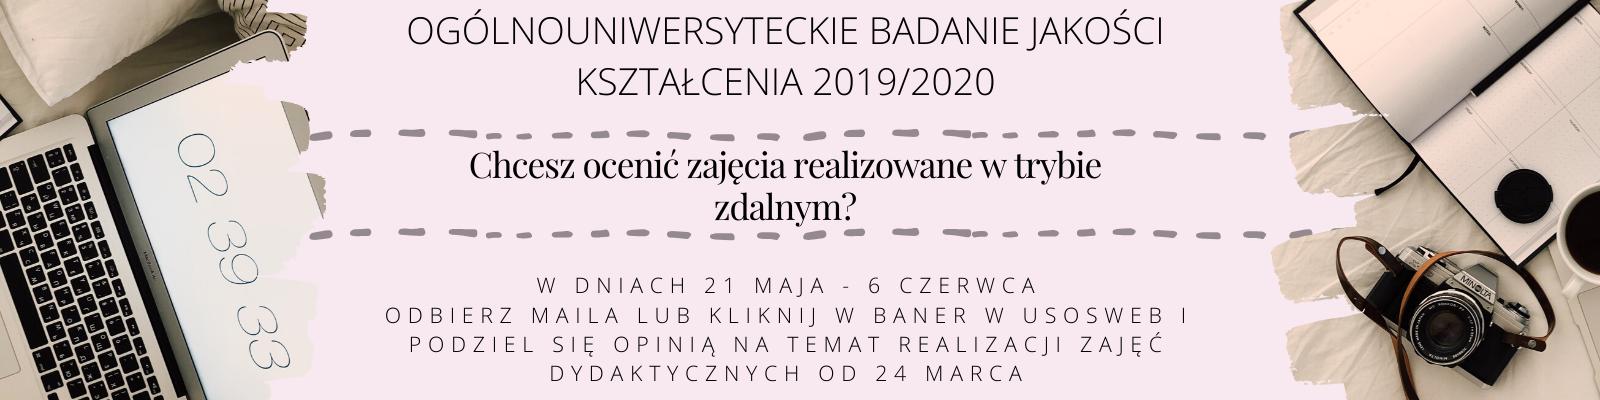 Ogólnouniwersyteckie Badanie Jakości Kształcenia 2019/2020